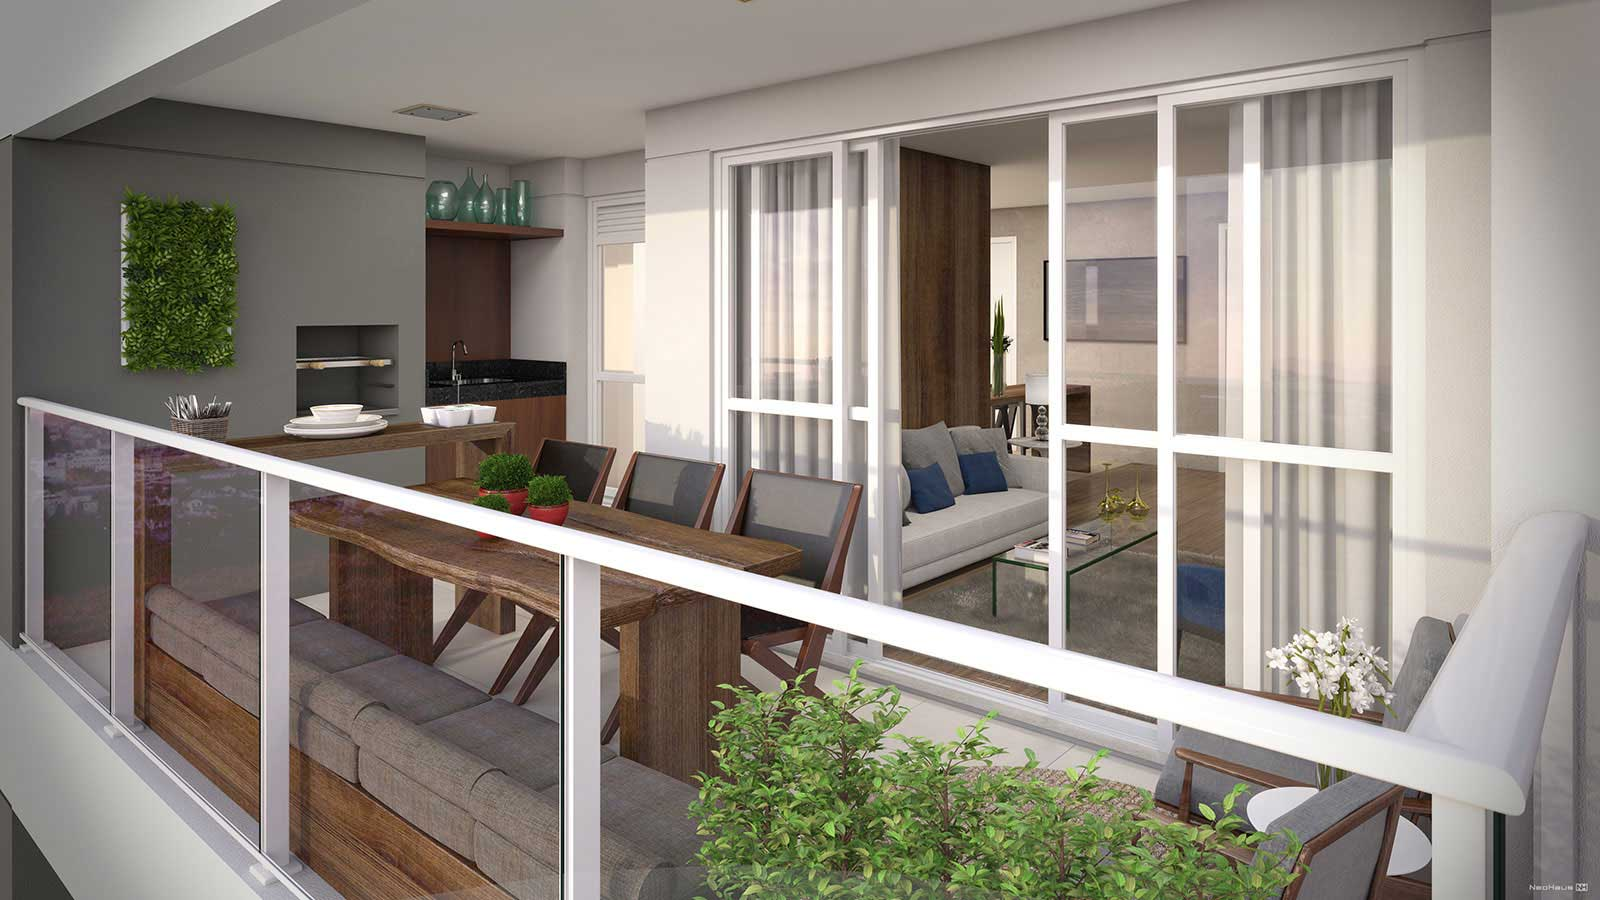 perspectiva-artistica-do-terraco-de-4-dormitorios